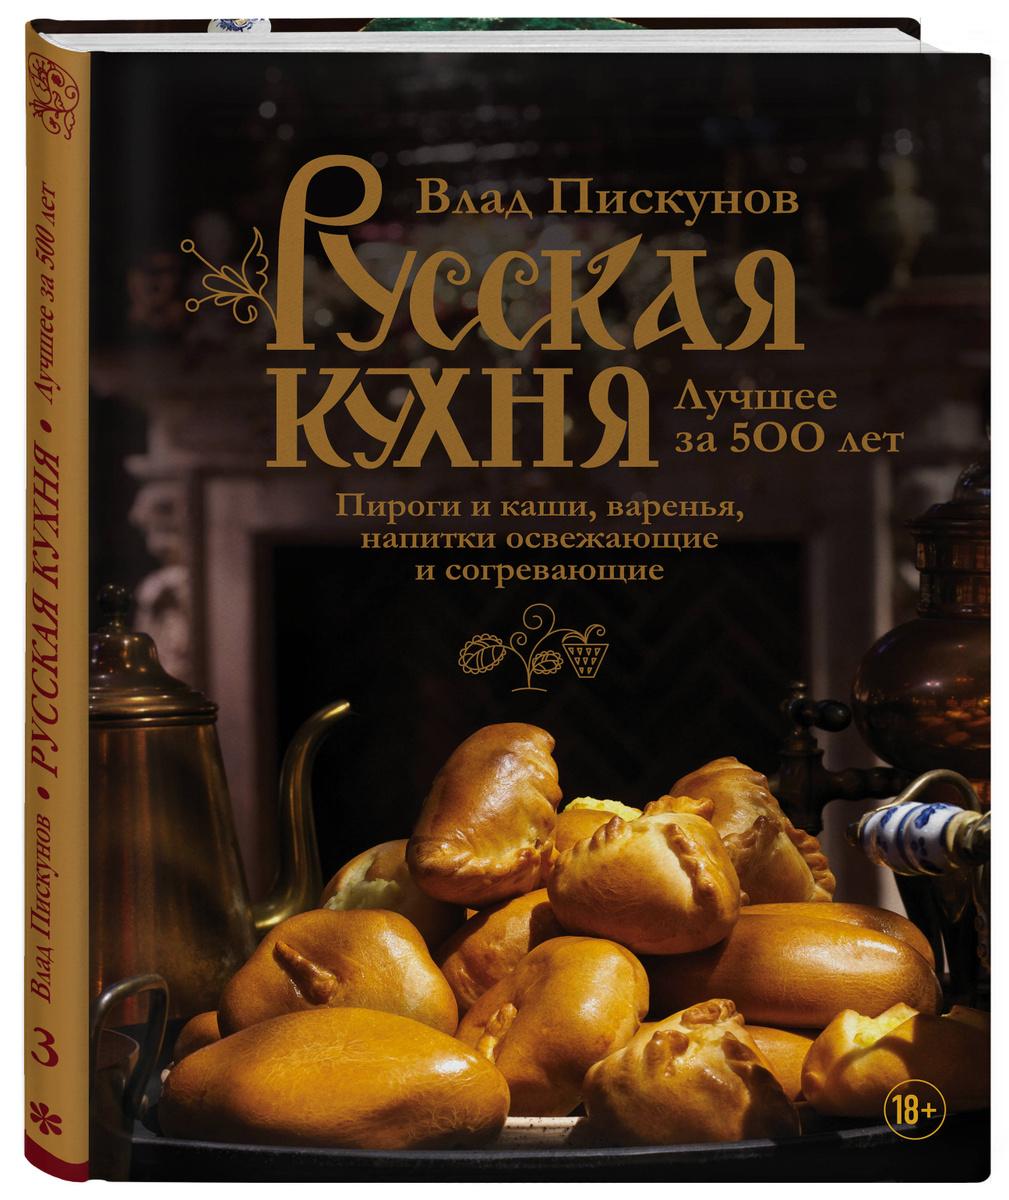 Русская кухня. Лучшее за 500 лет. Книга третья. Пироги и каши, варенья, напитки освежающие и согревающие #1